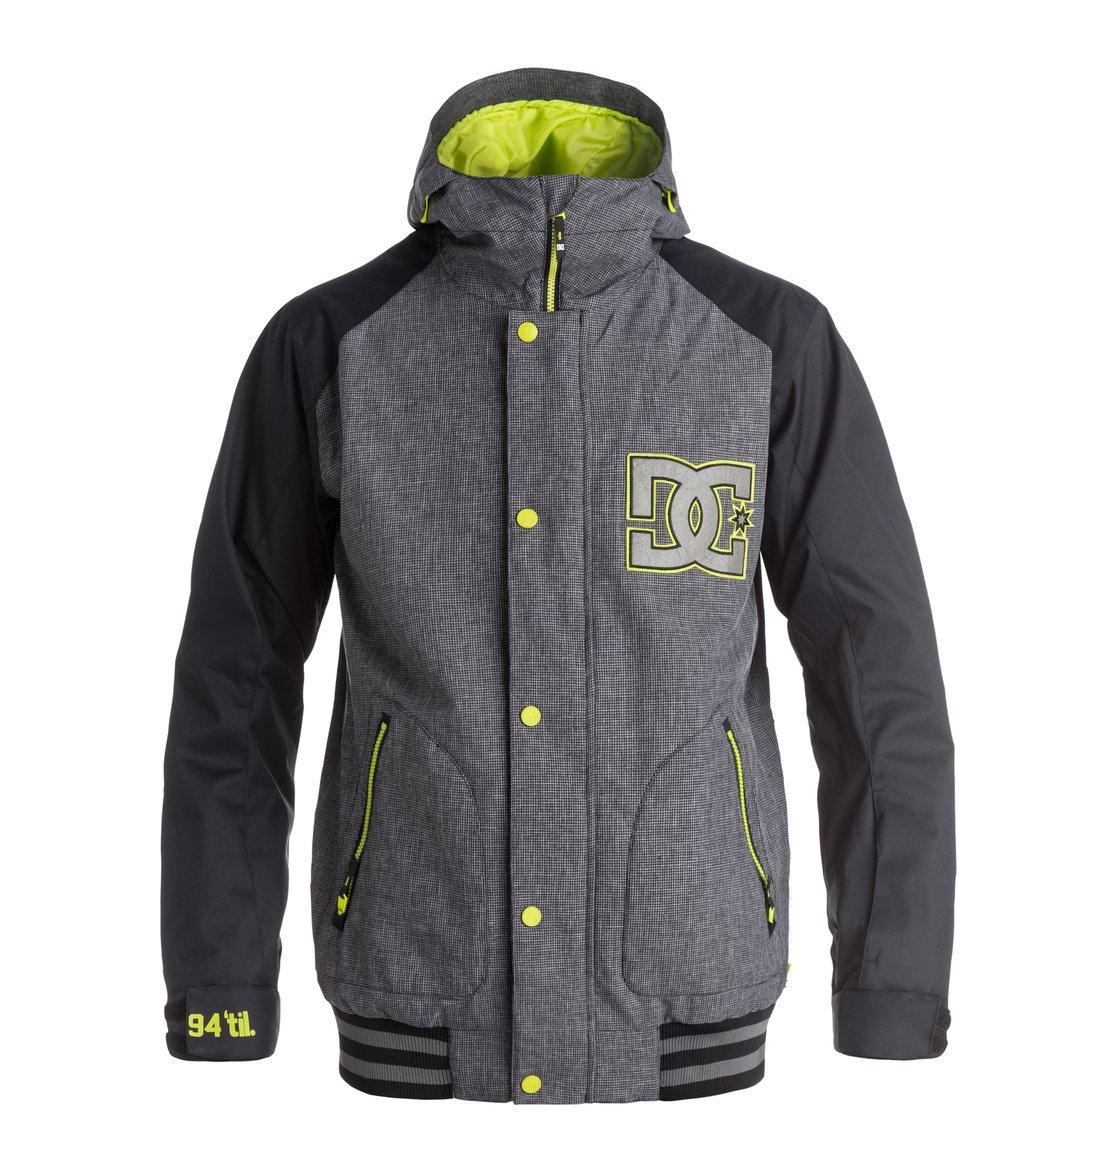 Сноубордическая куртка DCLA в университетском стиле